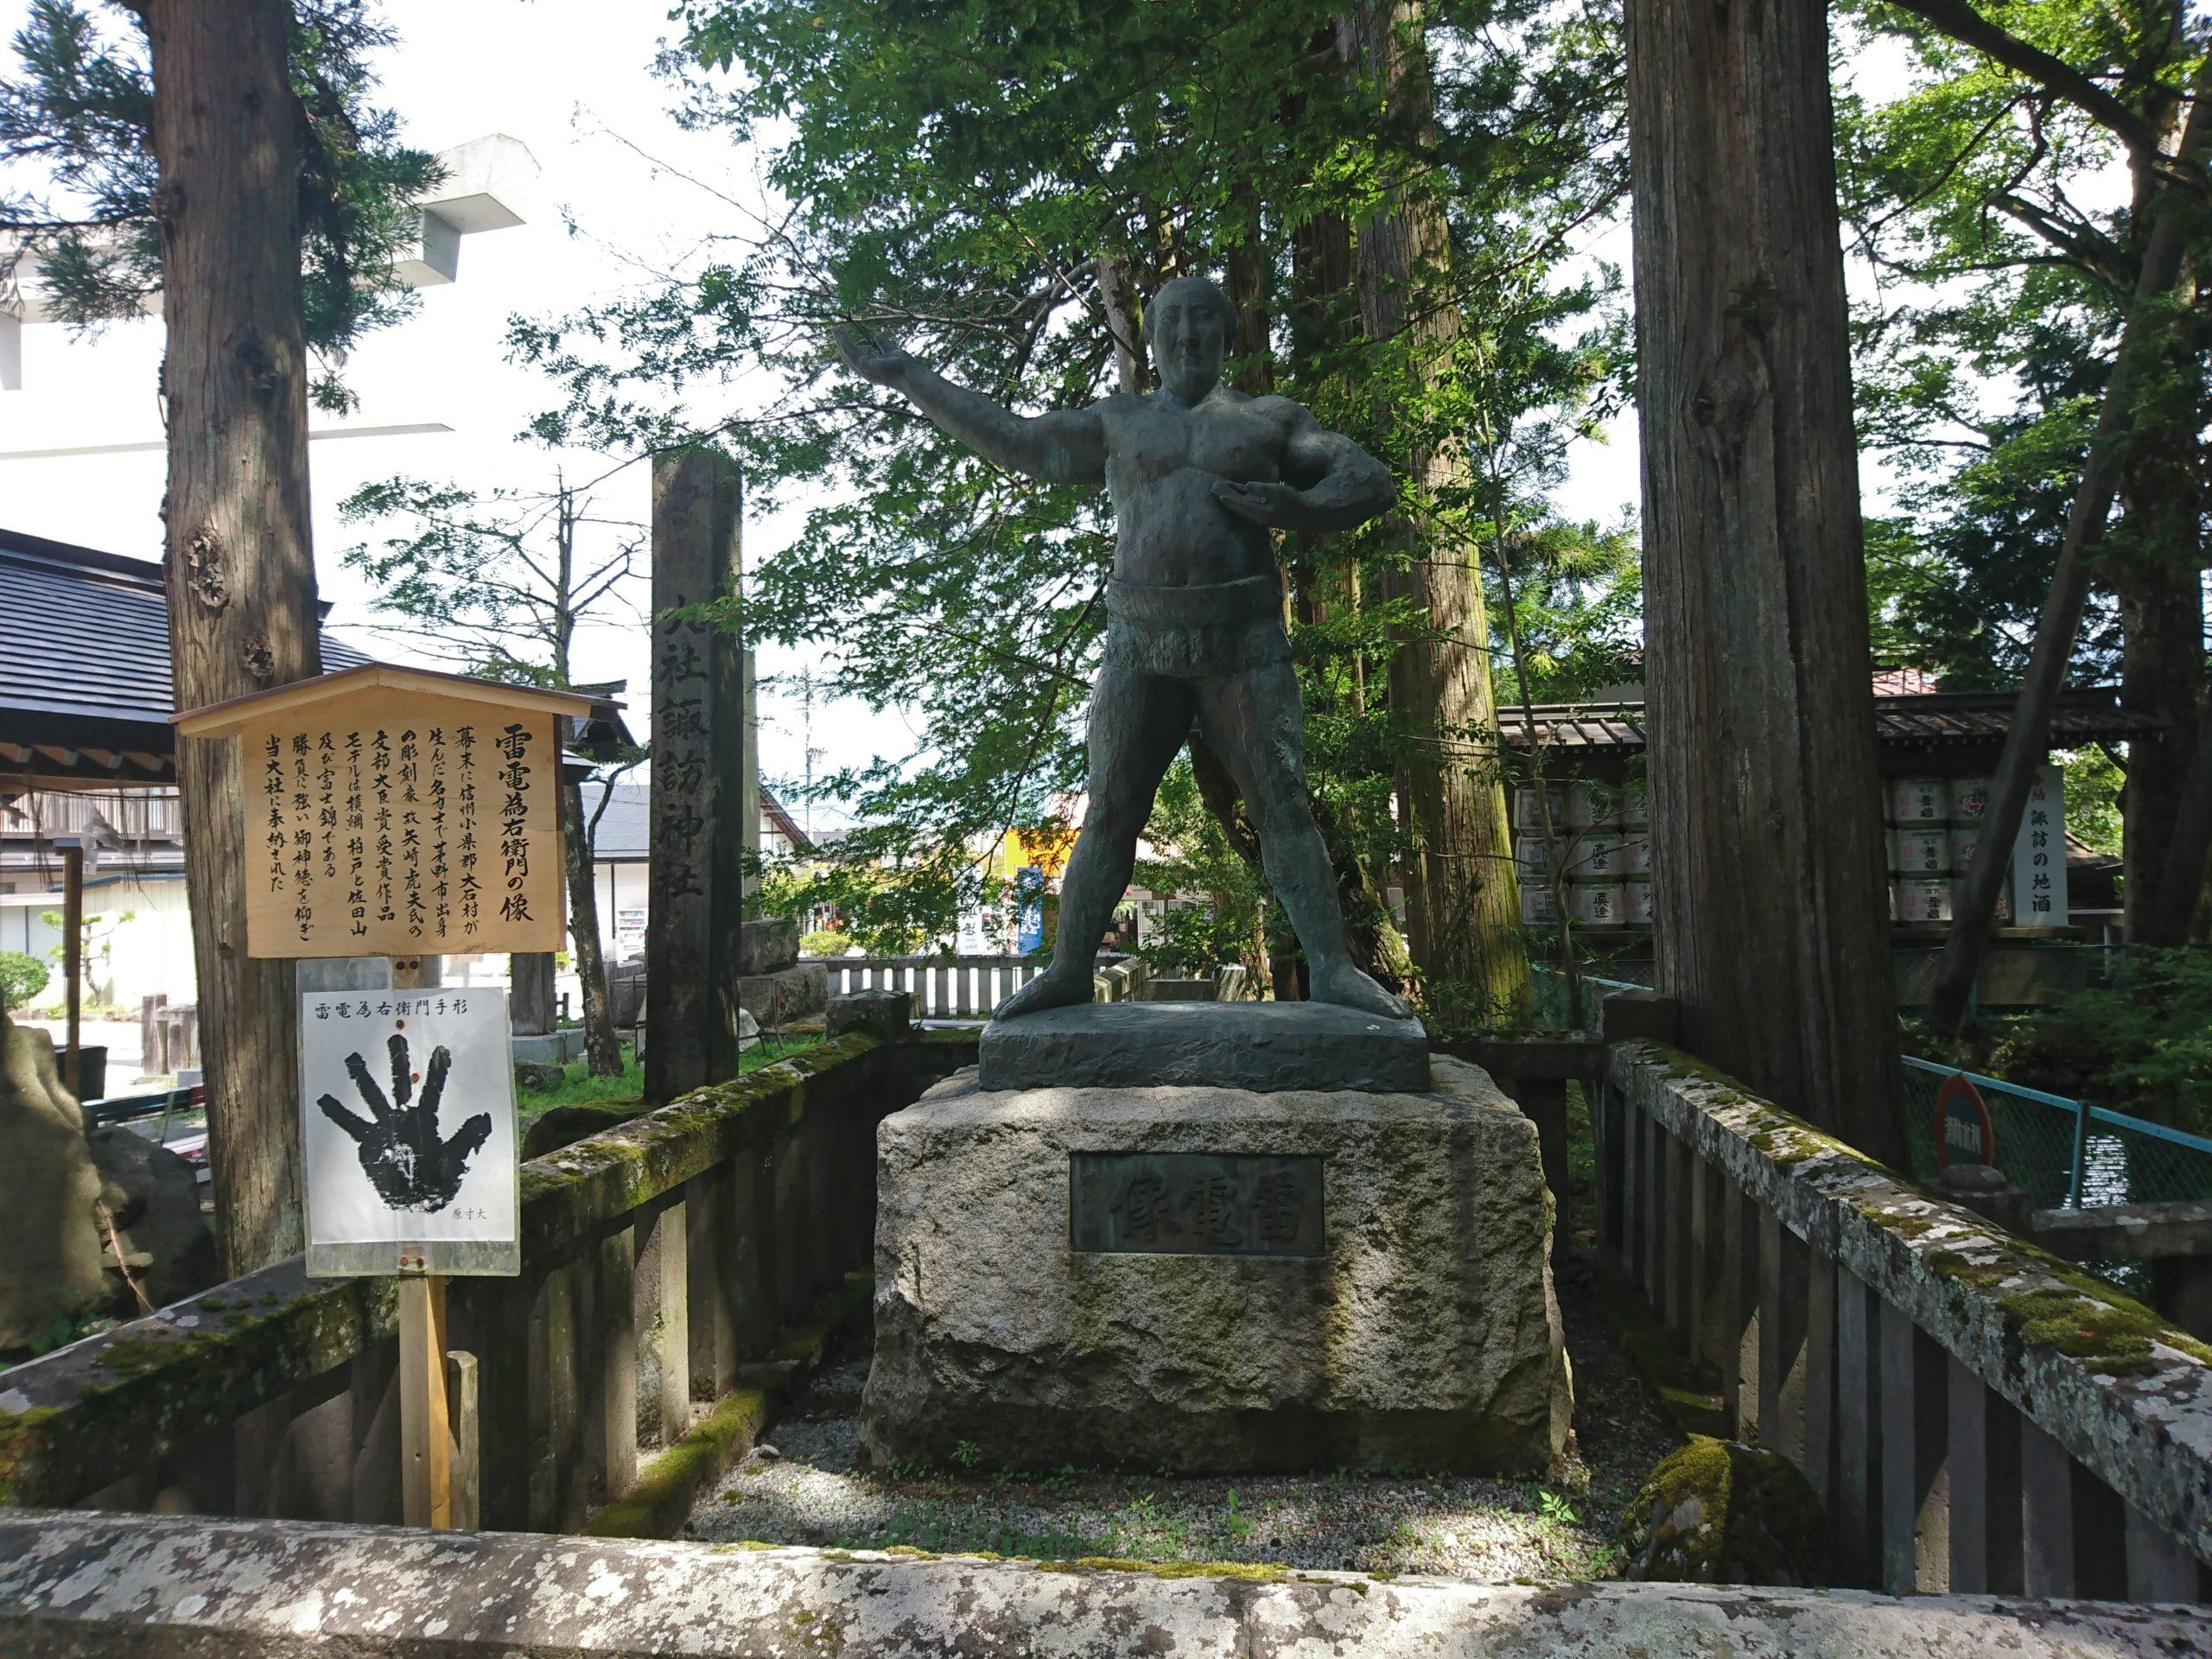 諏訪大社上社本宮の雷電為右衛門の像です。